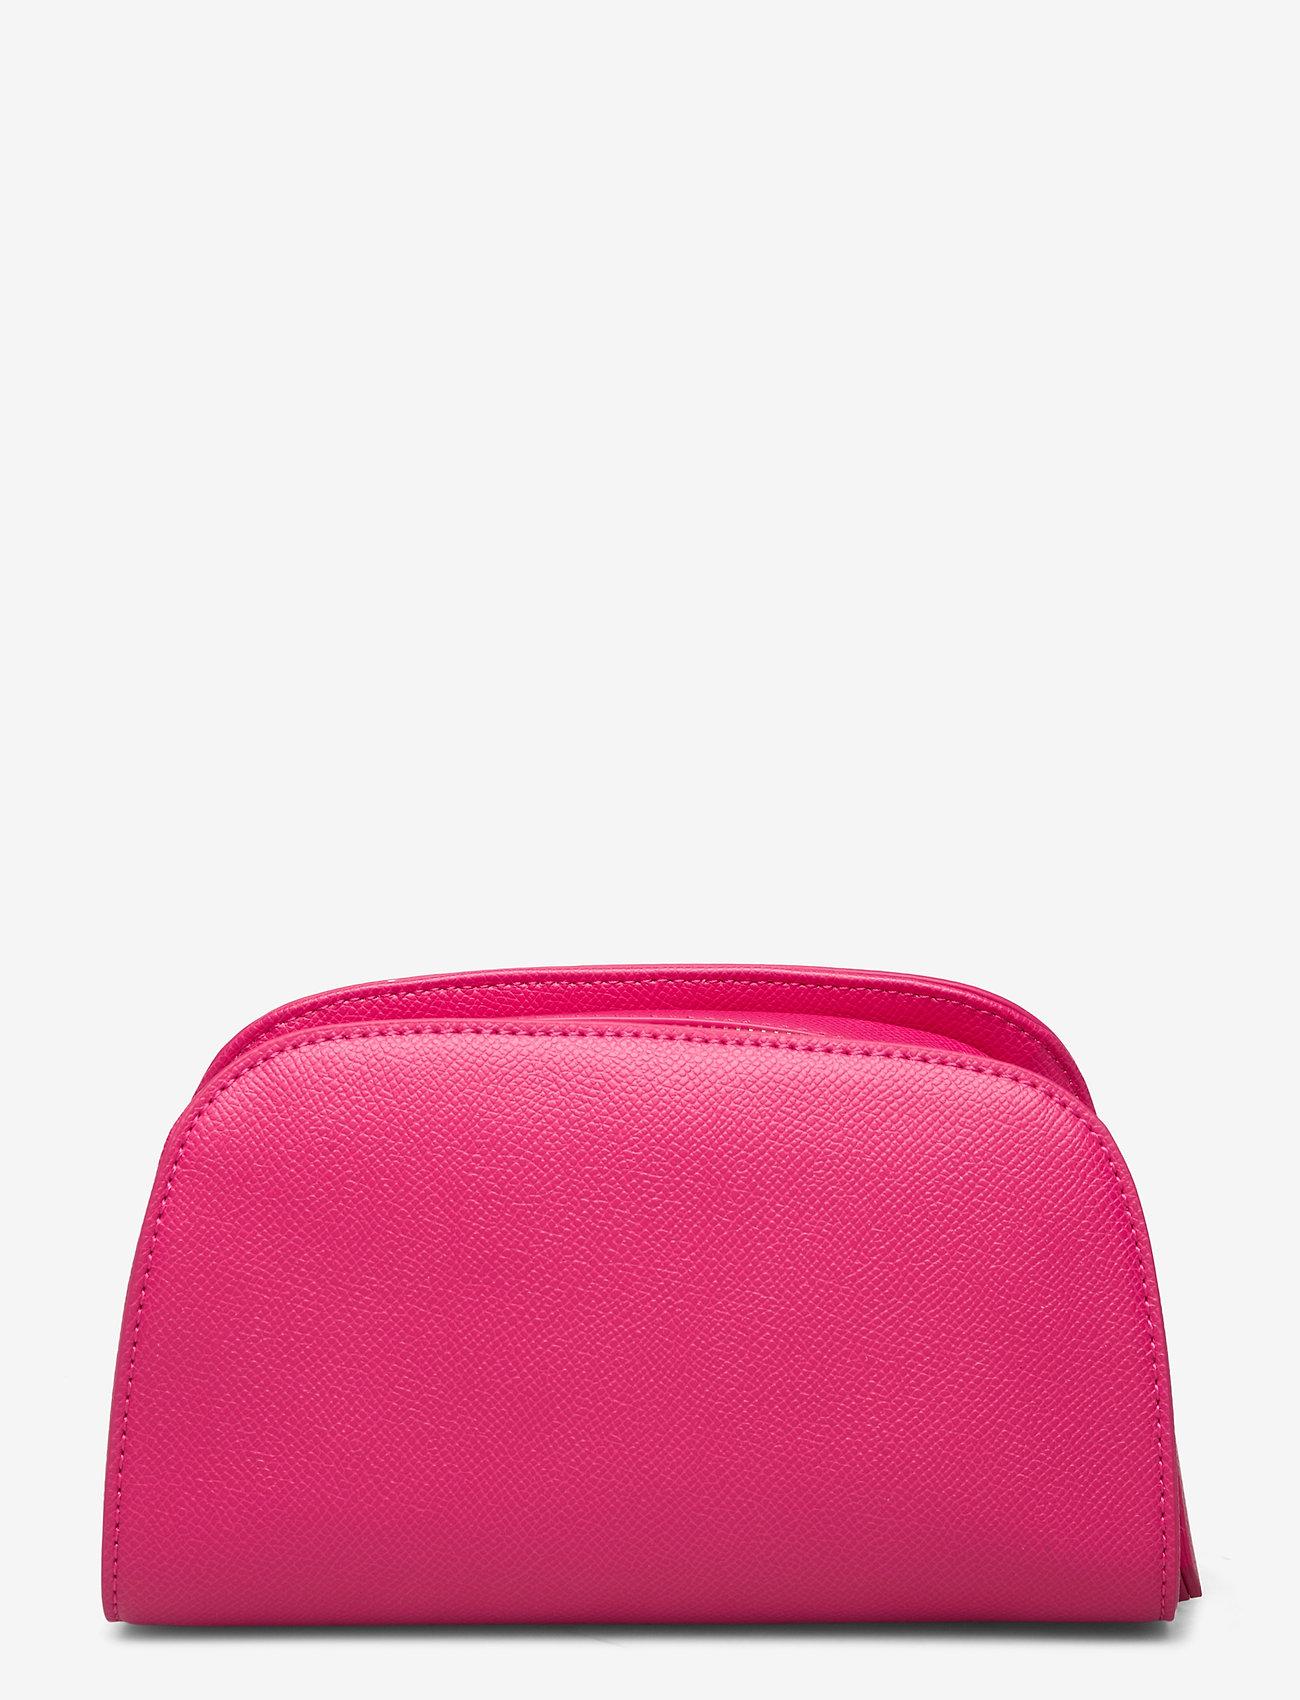 Tommy Hilfiger - CLASSIC SAFFIANO WASHCASE - torby kosmetyczne - bright jewel - 1